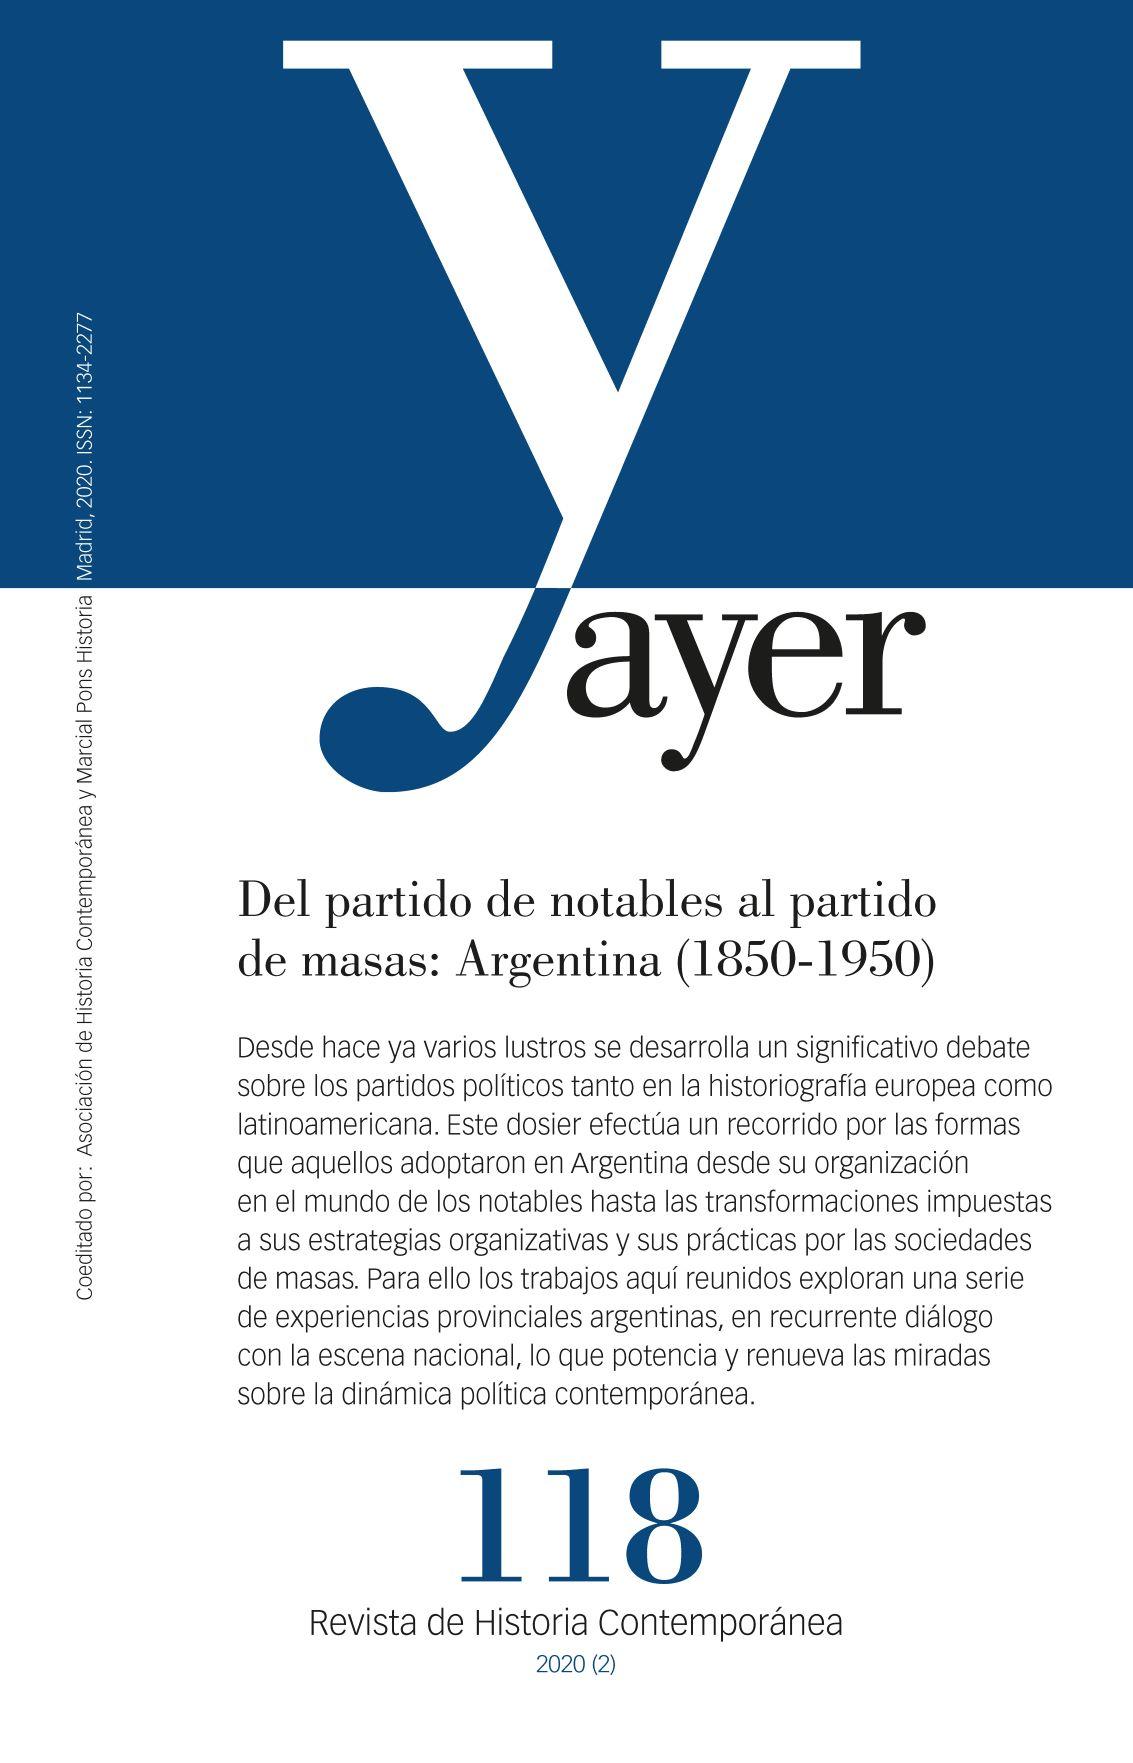 Del partido de notables al partido de masas: Argentina (1850-1950)   «Ayer 118»